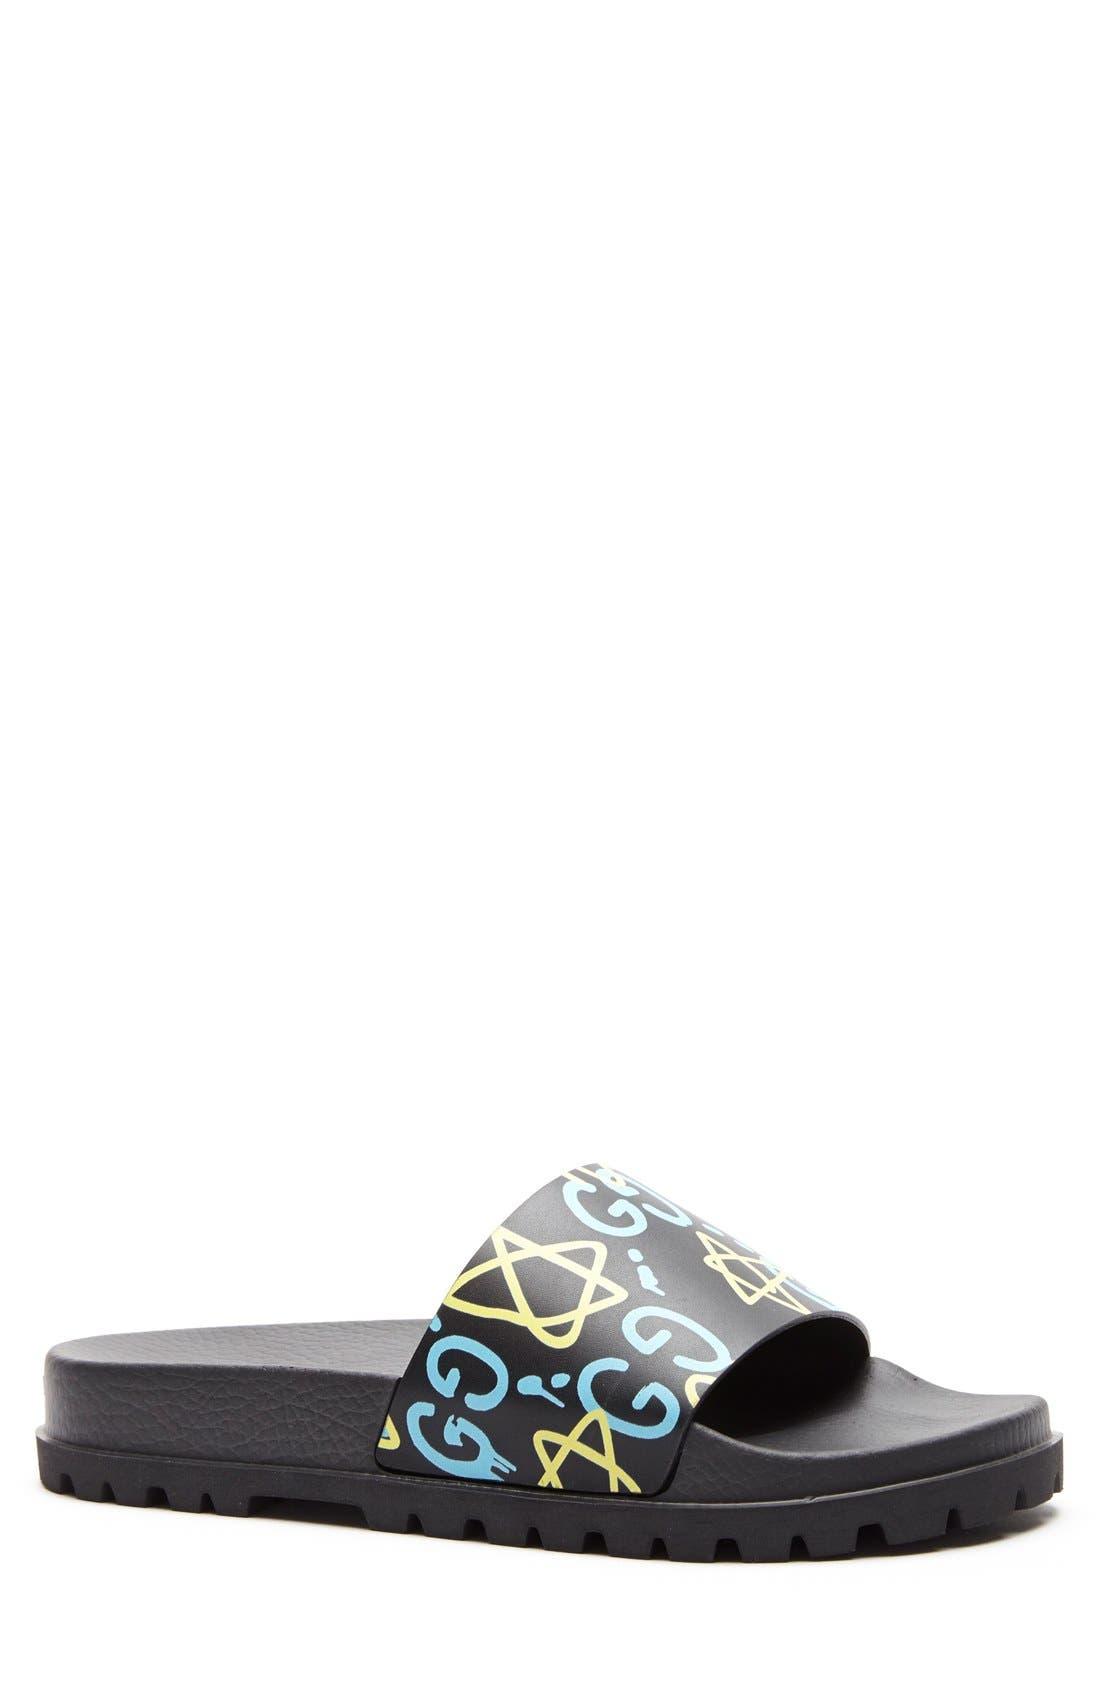 'Pursuit Treck' Slide Sandal,                             Main thumbnail 1, color,                             001